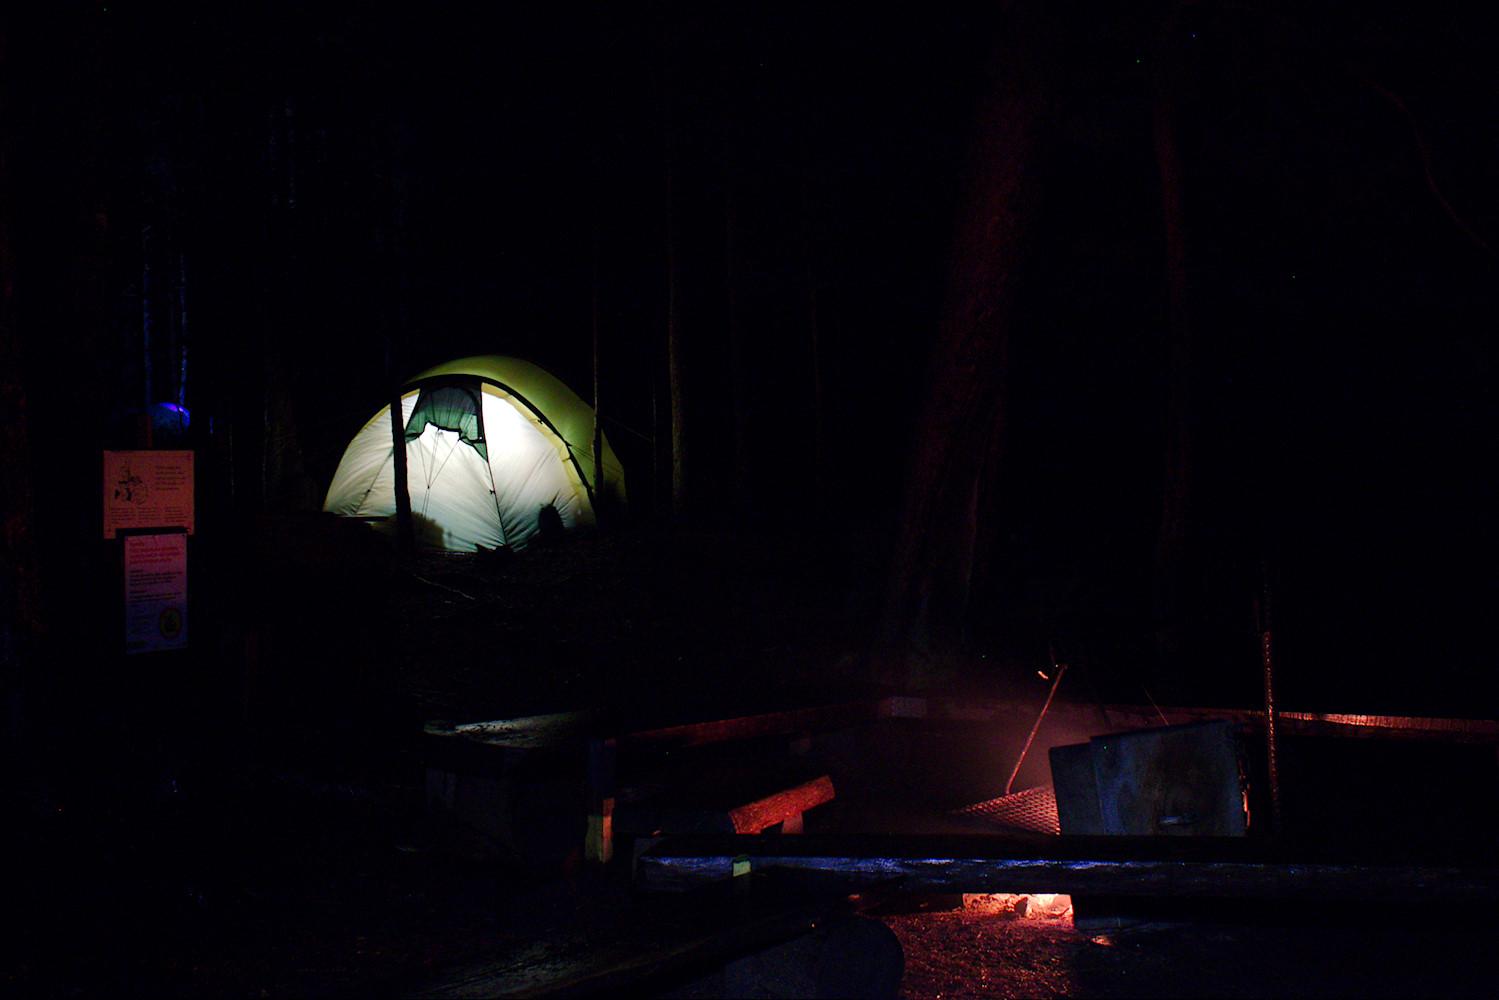 Luutasuon nuotiopaikka ja valaistu teltta